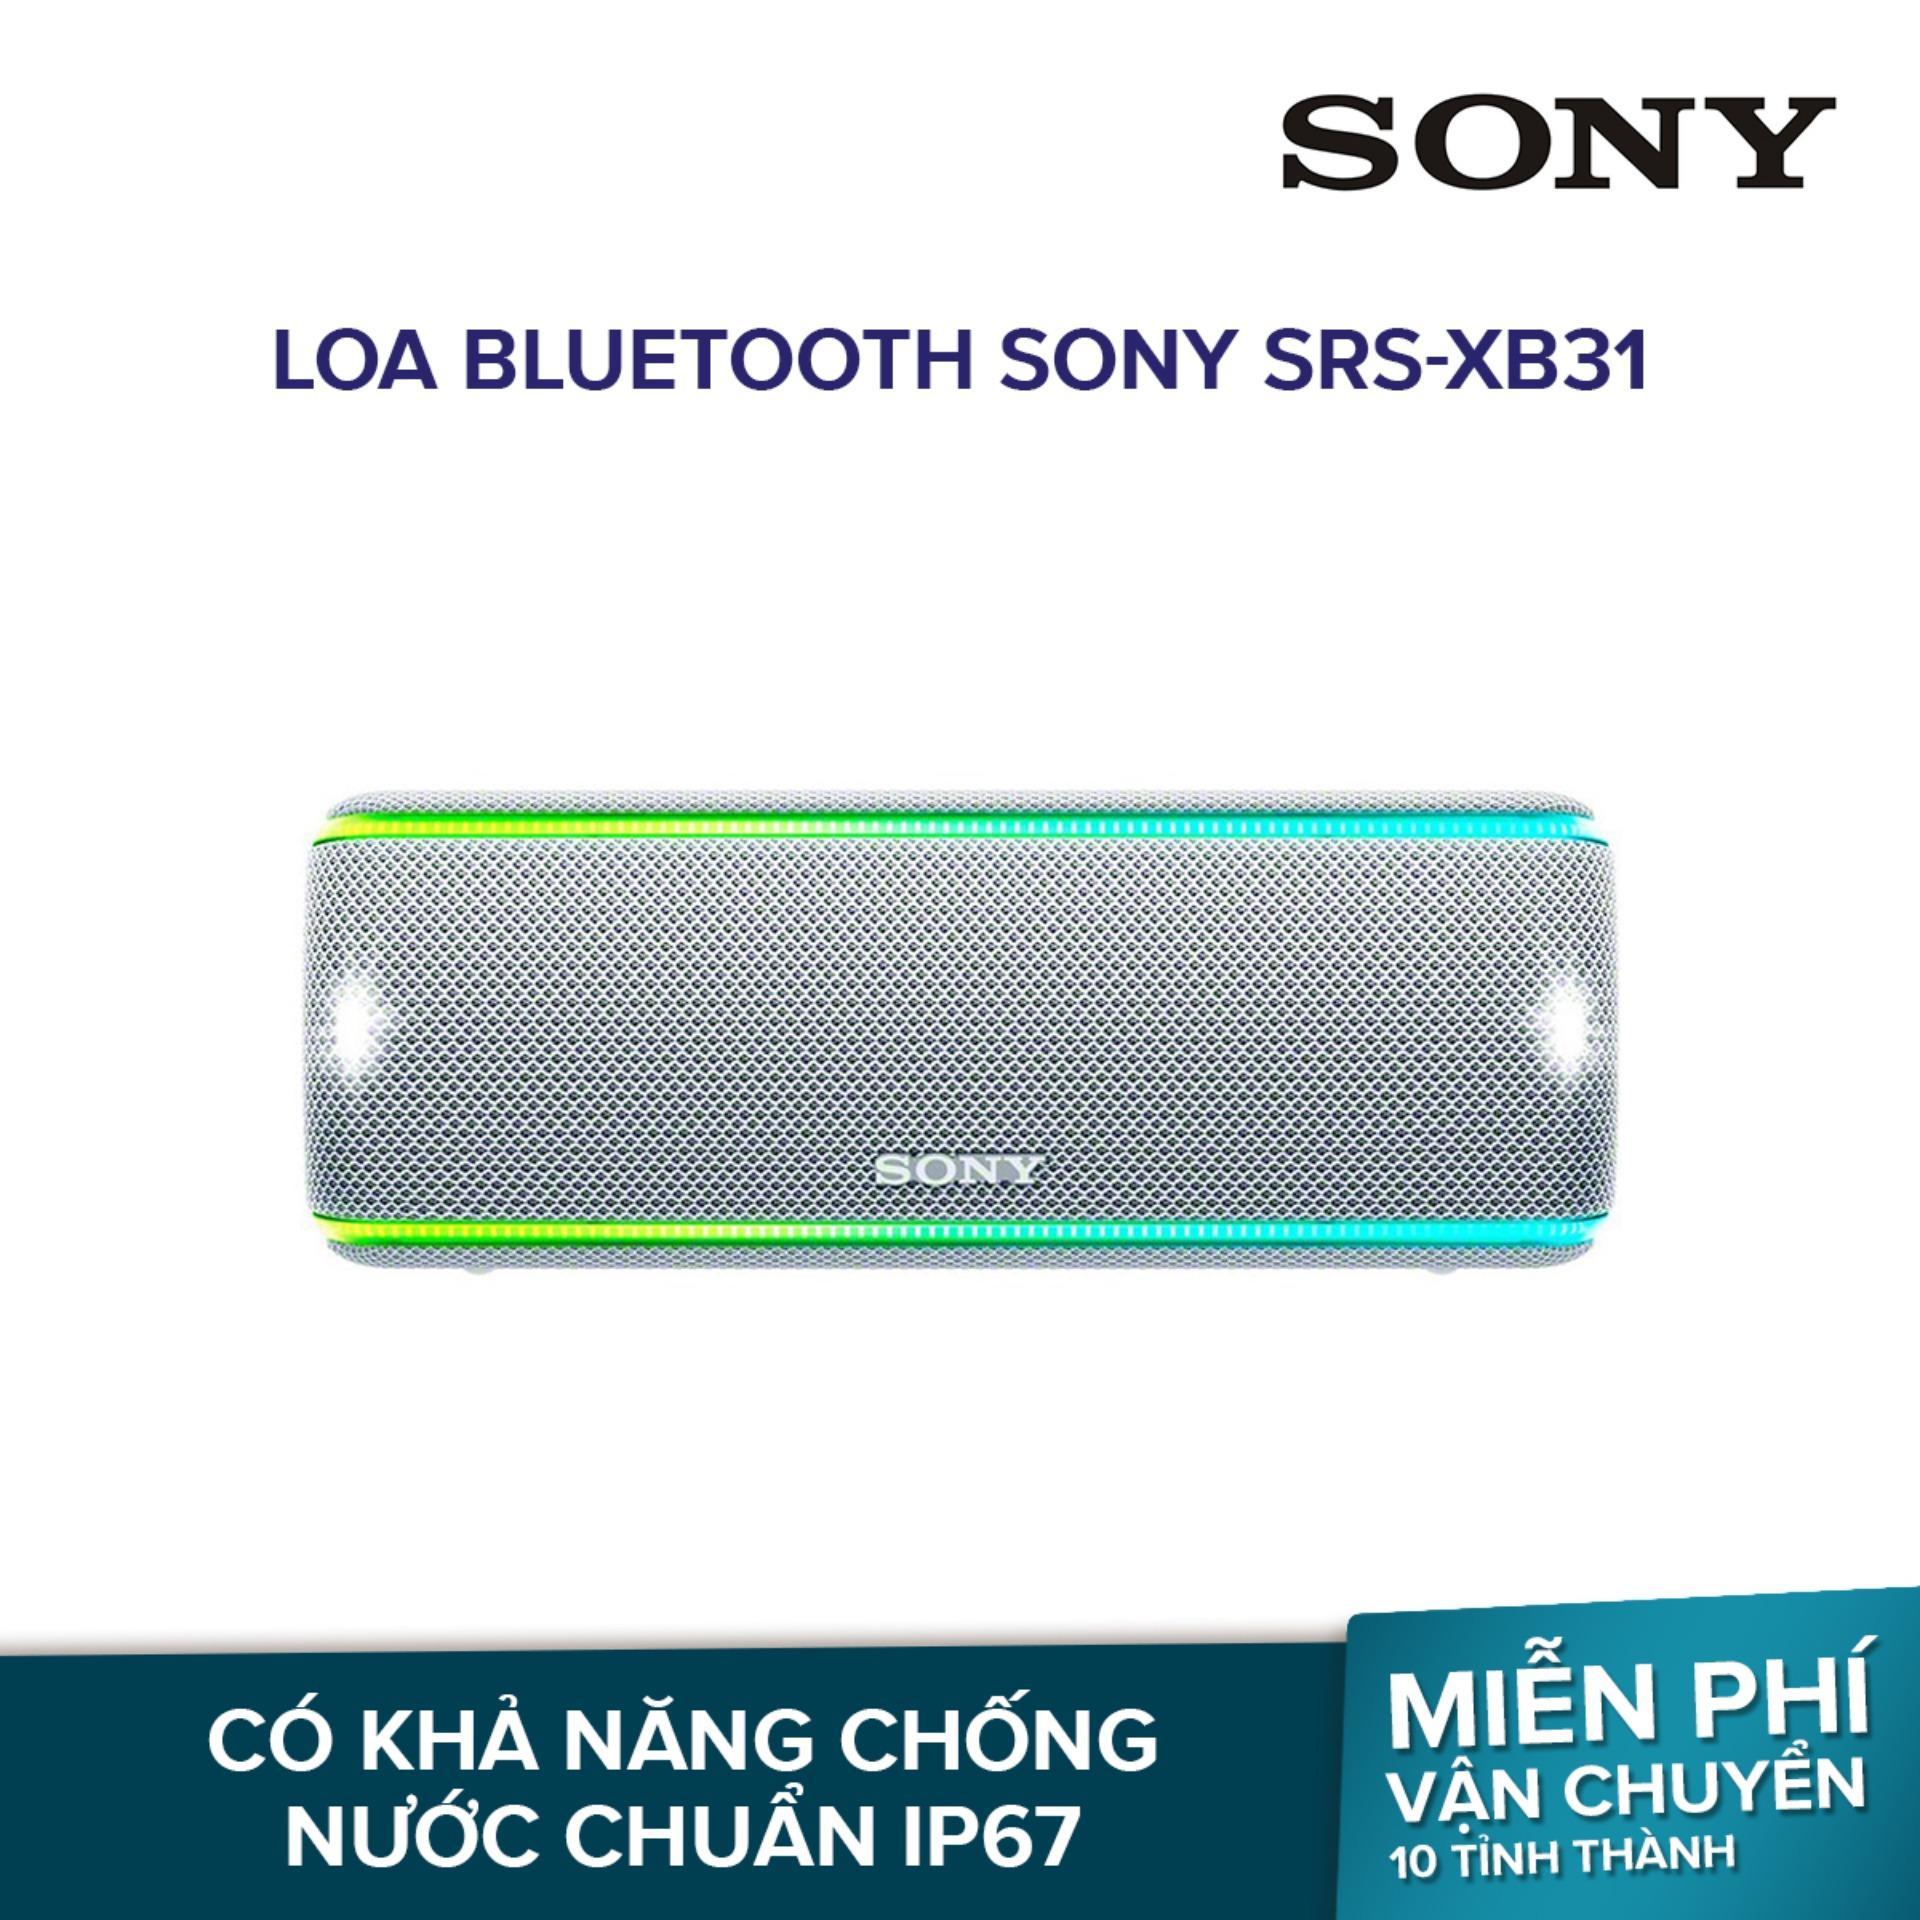 Loa Bluetooth Sony SRS-XB31 - Hãng phân phối chính thức